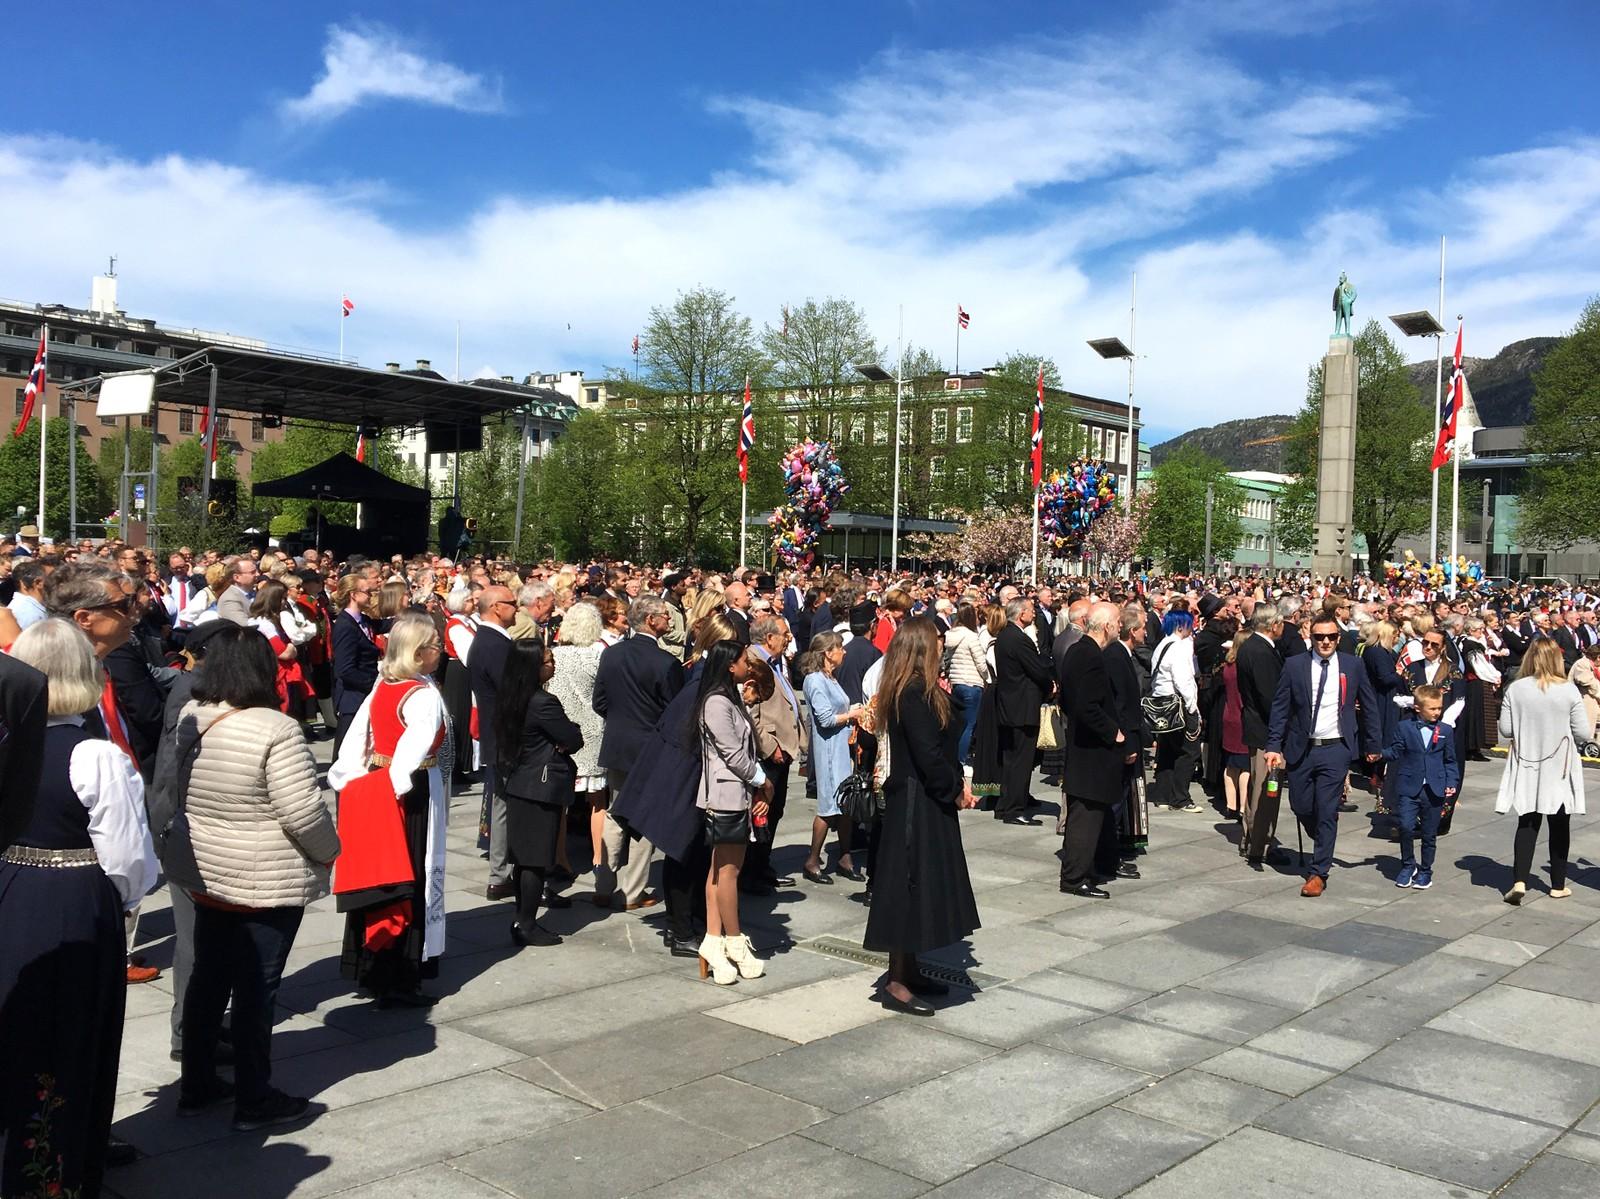 Mange hadde samlet seg på Festplassen i Bergen for å høre statsminister Erna Solberg tale.